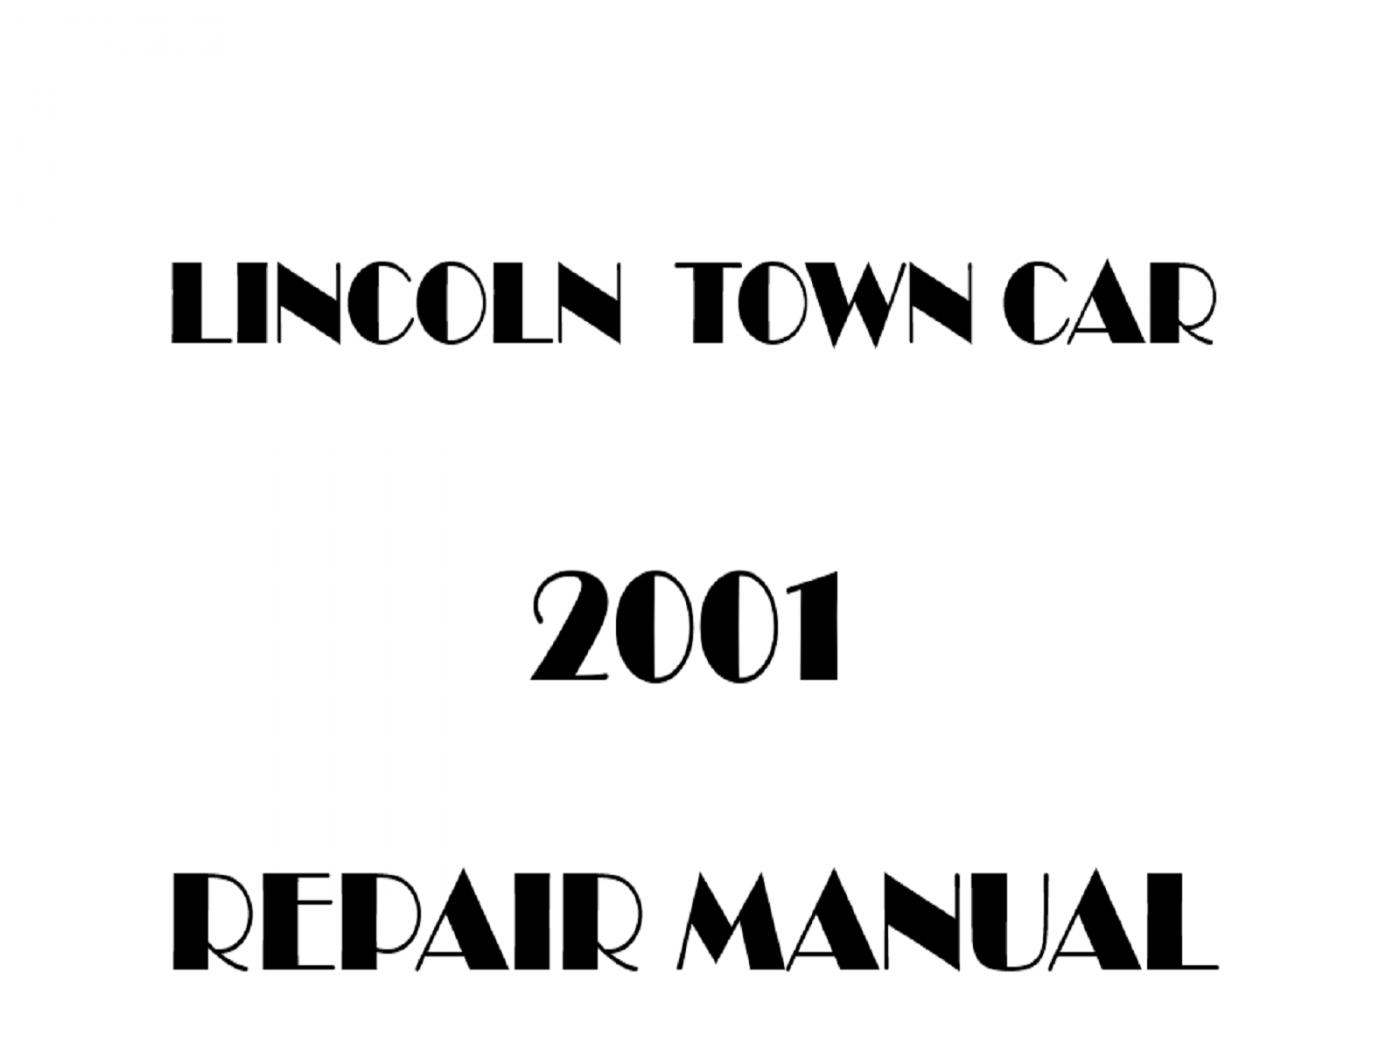 2001 Lincoln Town Car repair manual